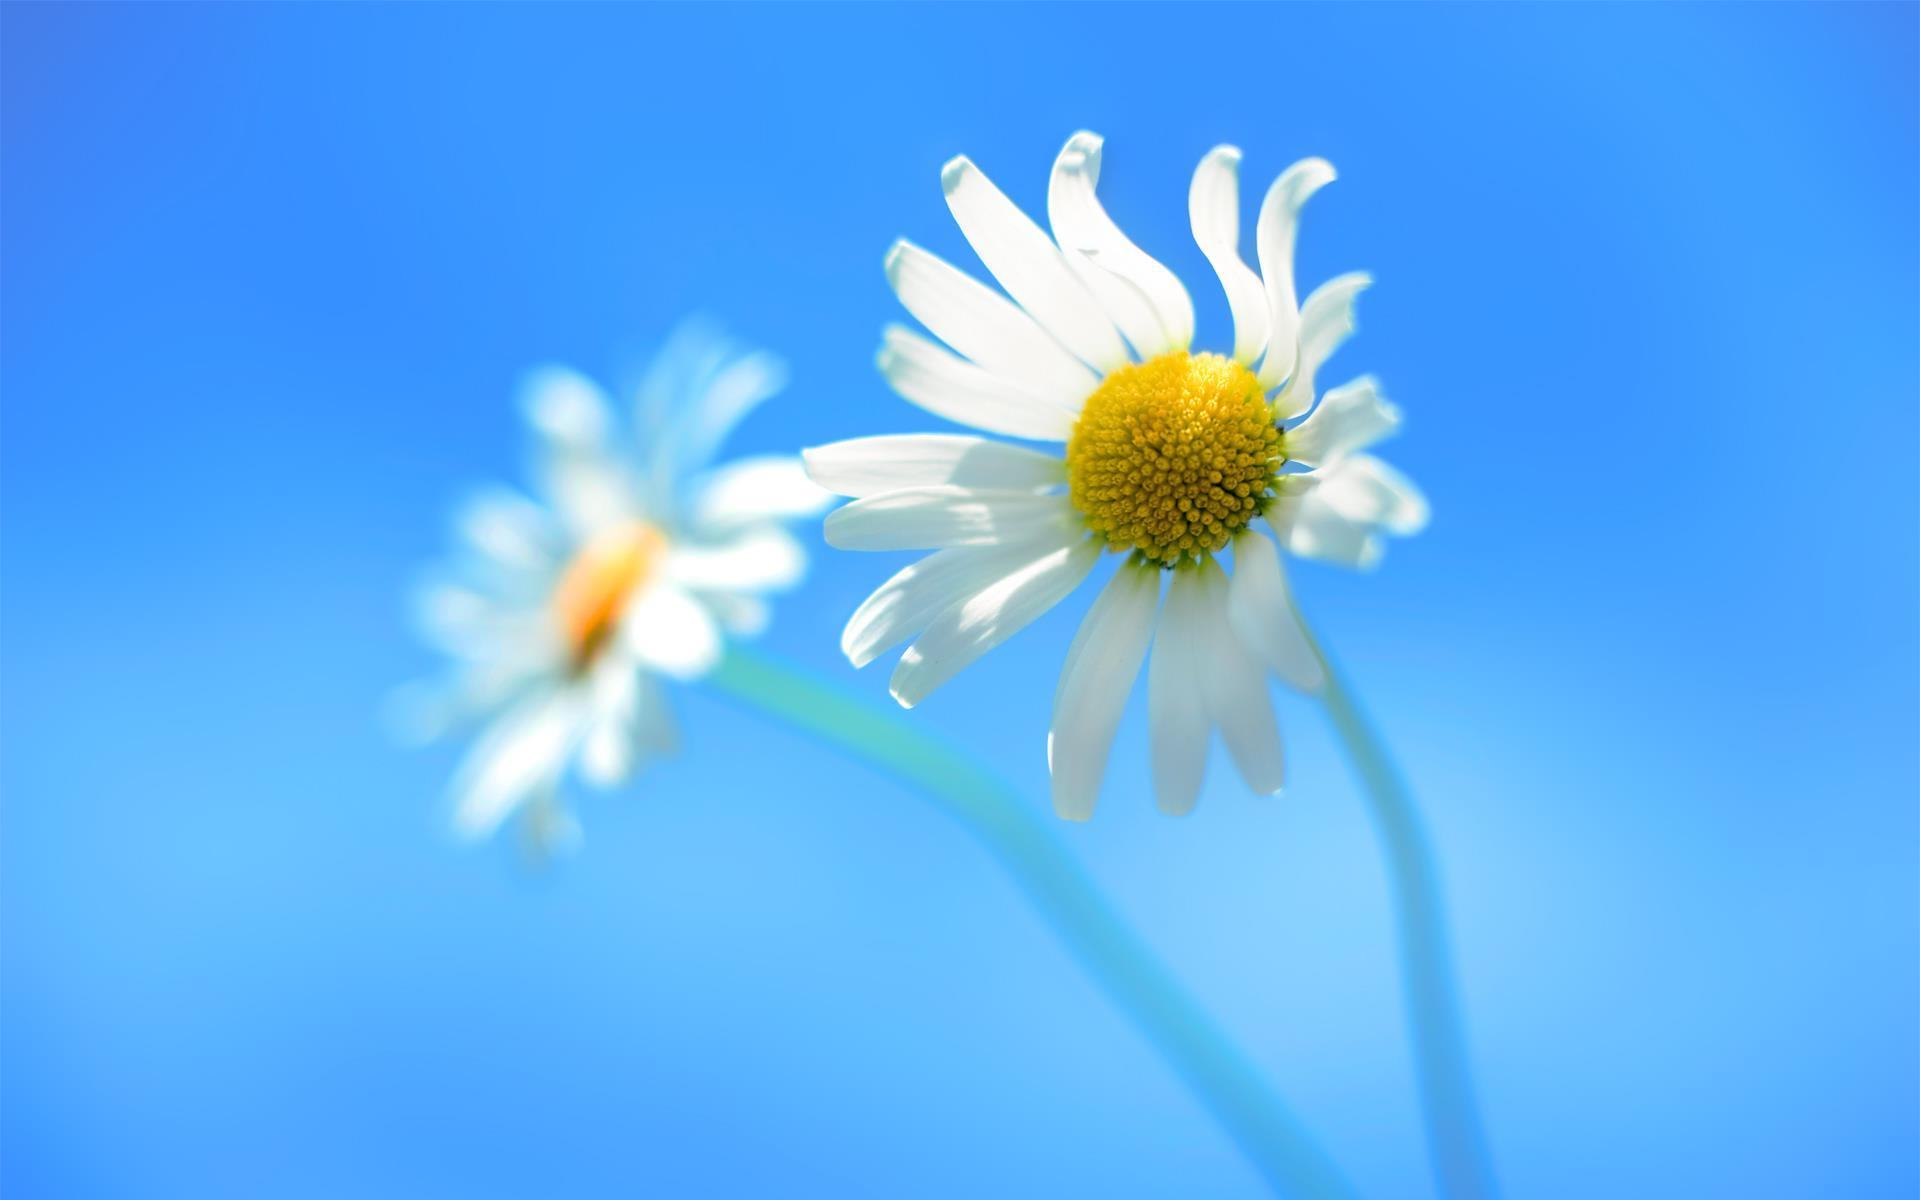 Hình nền hoa cúc trắng đẹp nhất